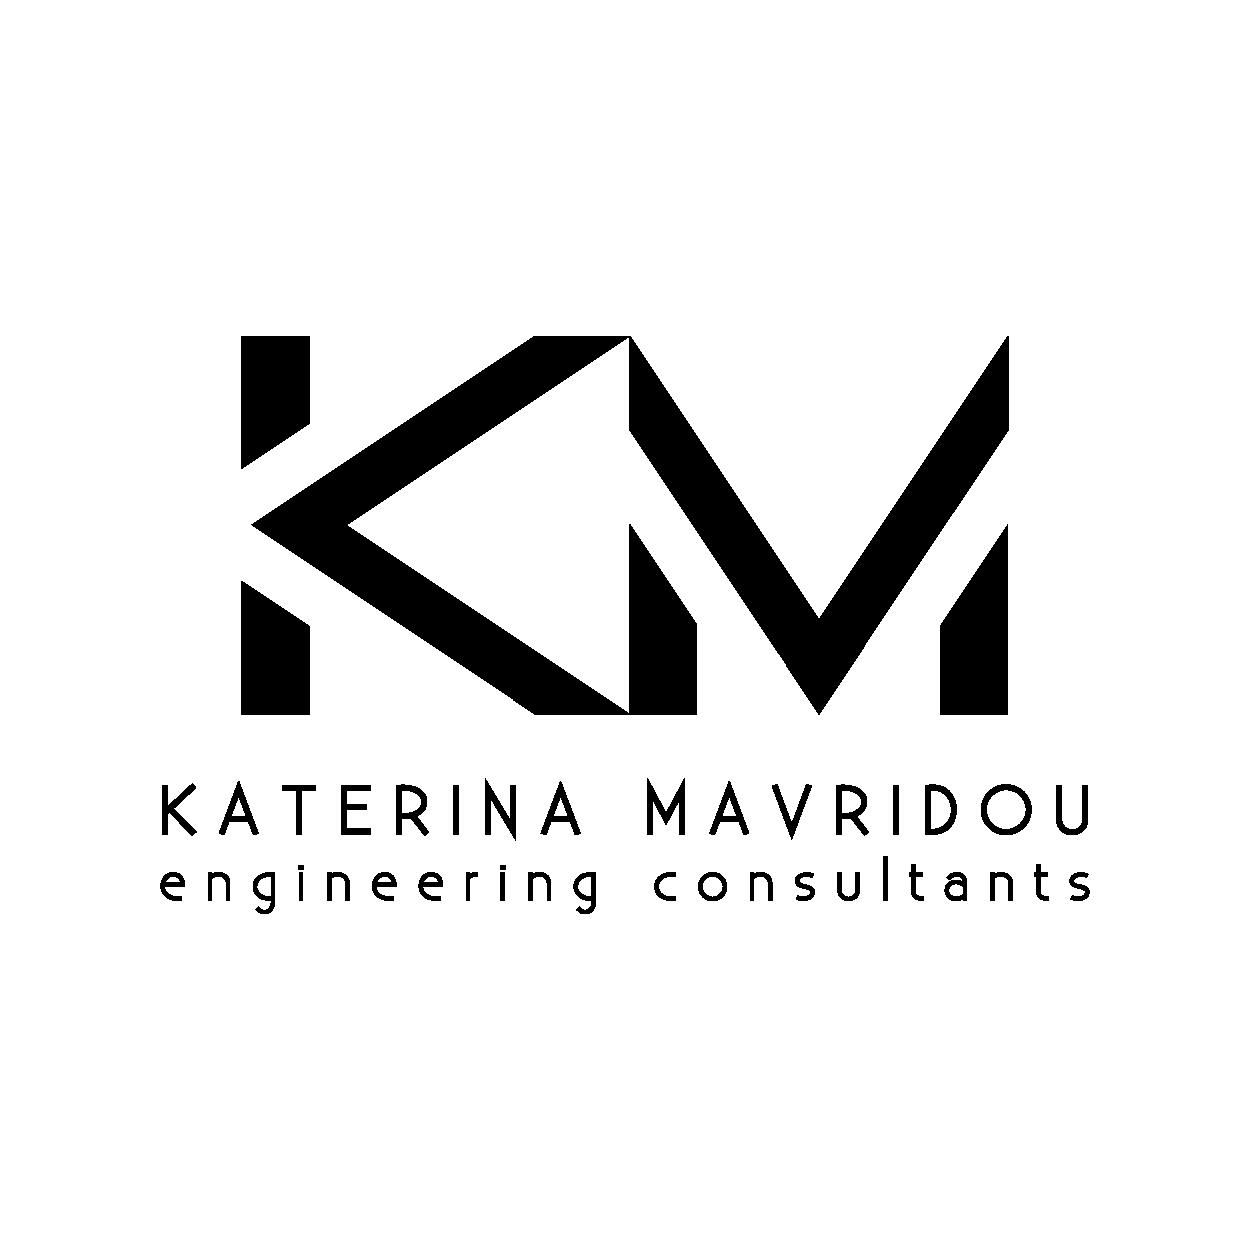 Logos-gia-ikarian-media-07.png